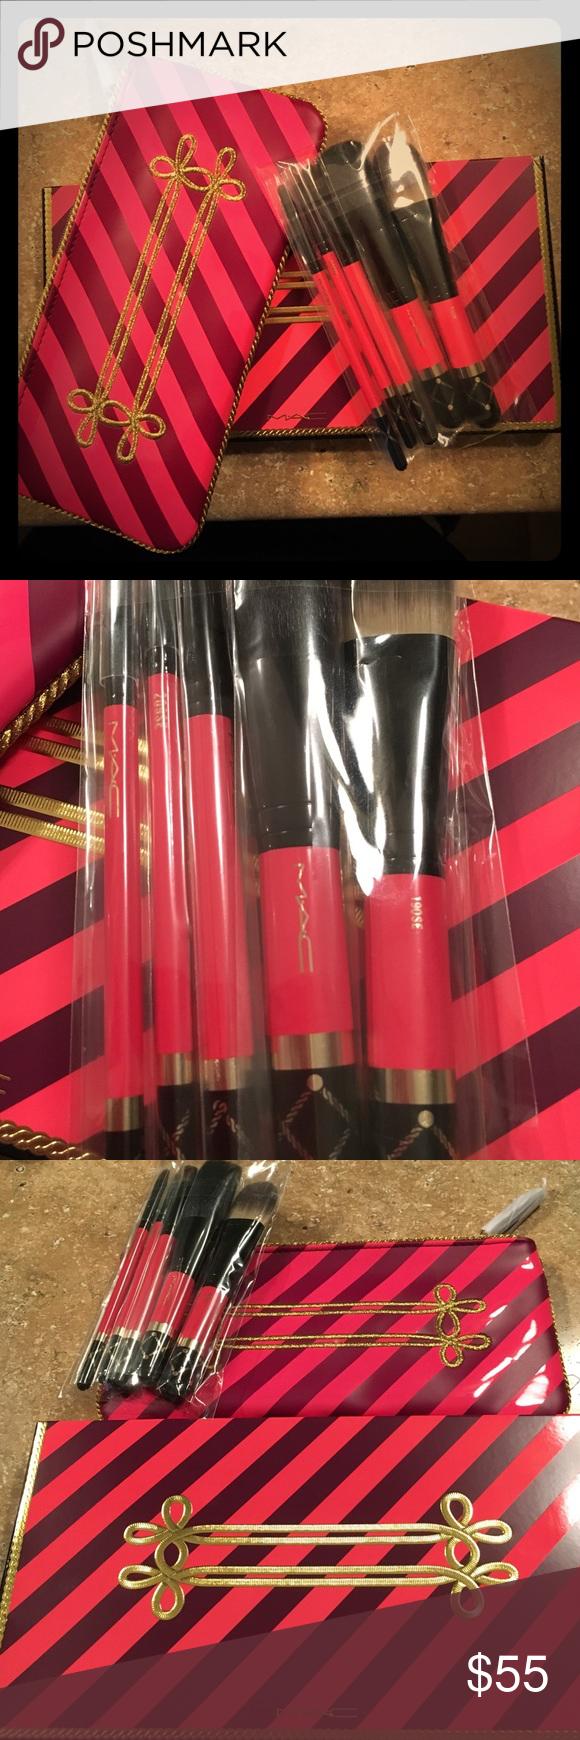 MAC 6 piece makeup brush set Mac makeup brushes, Makeup